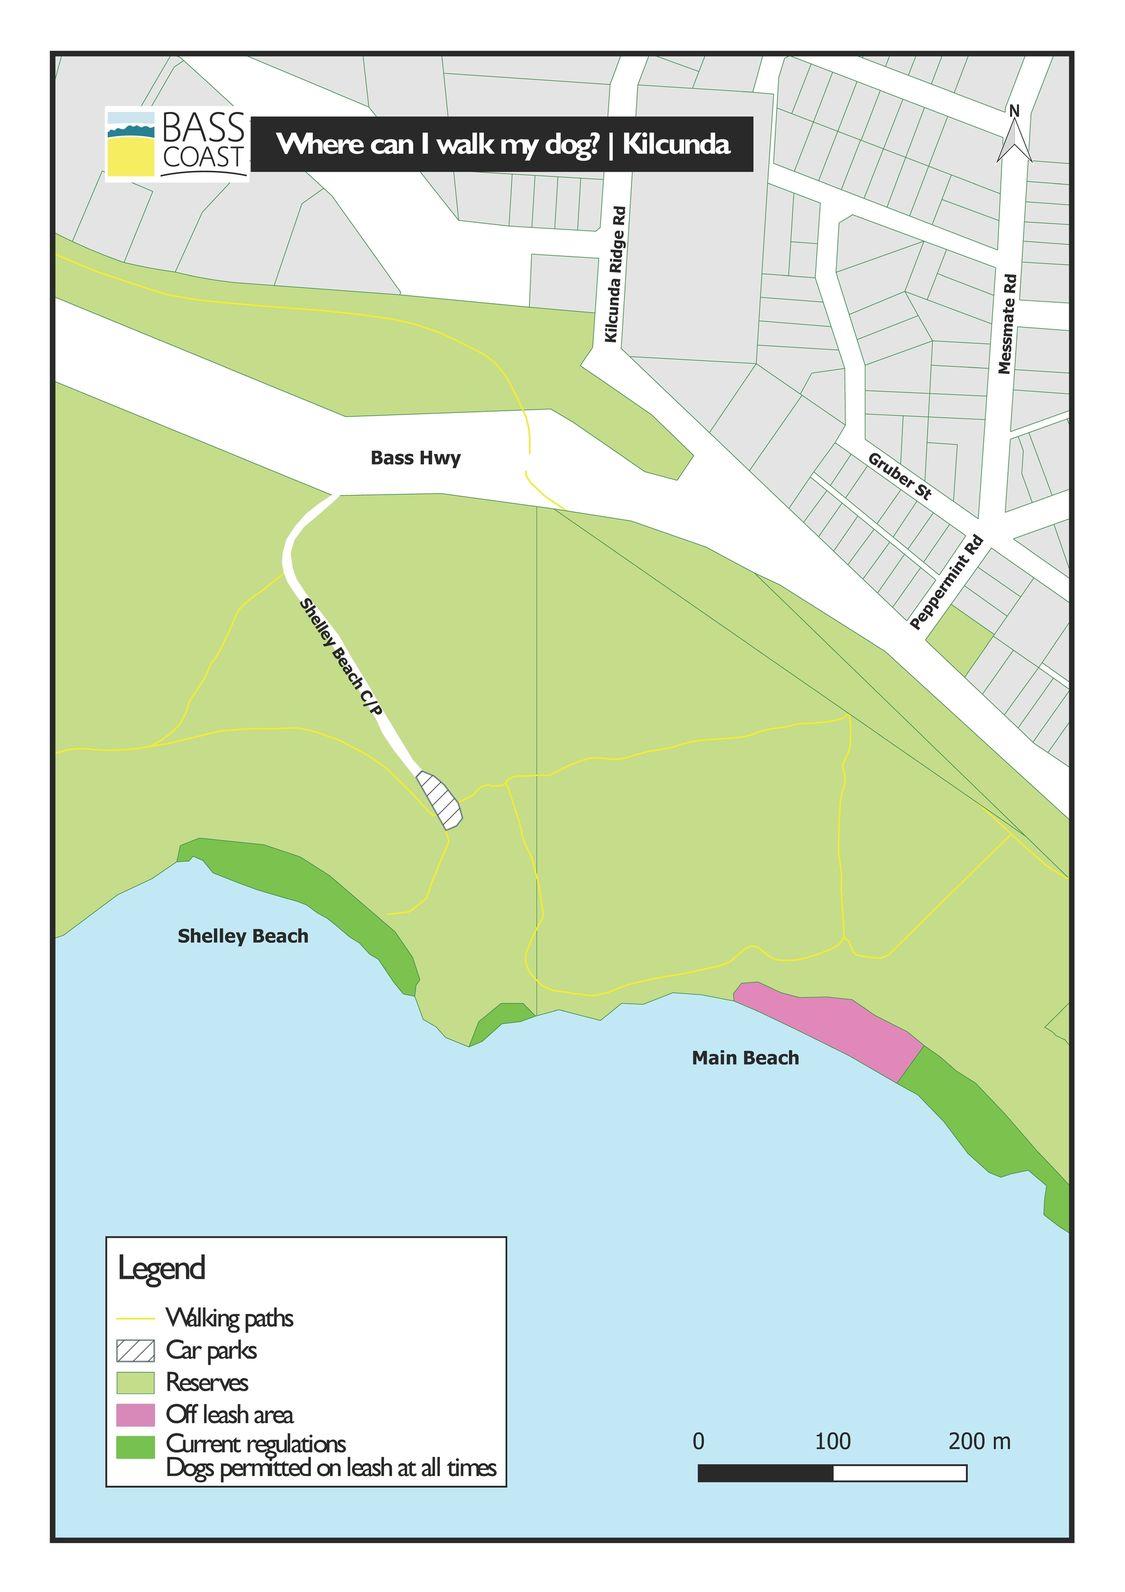 Where can I walk my dog? | Bass Coast Shire